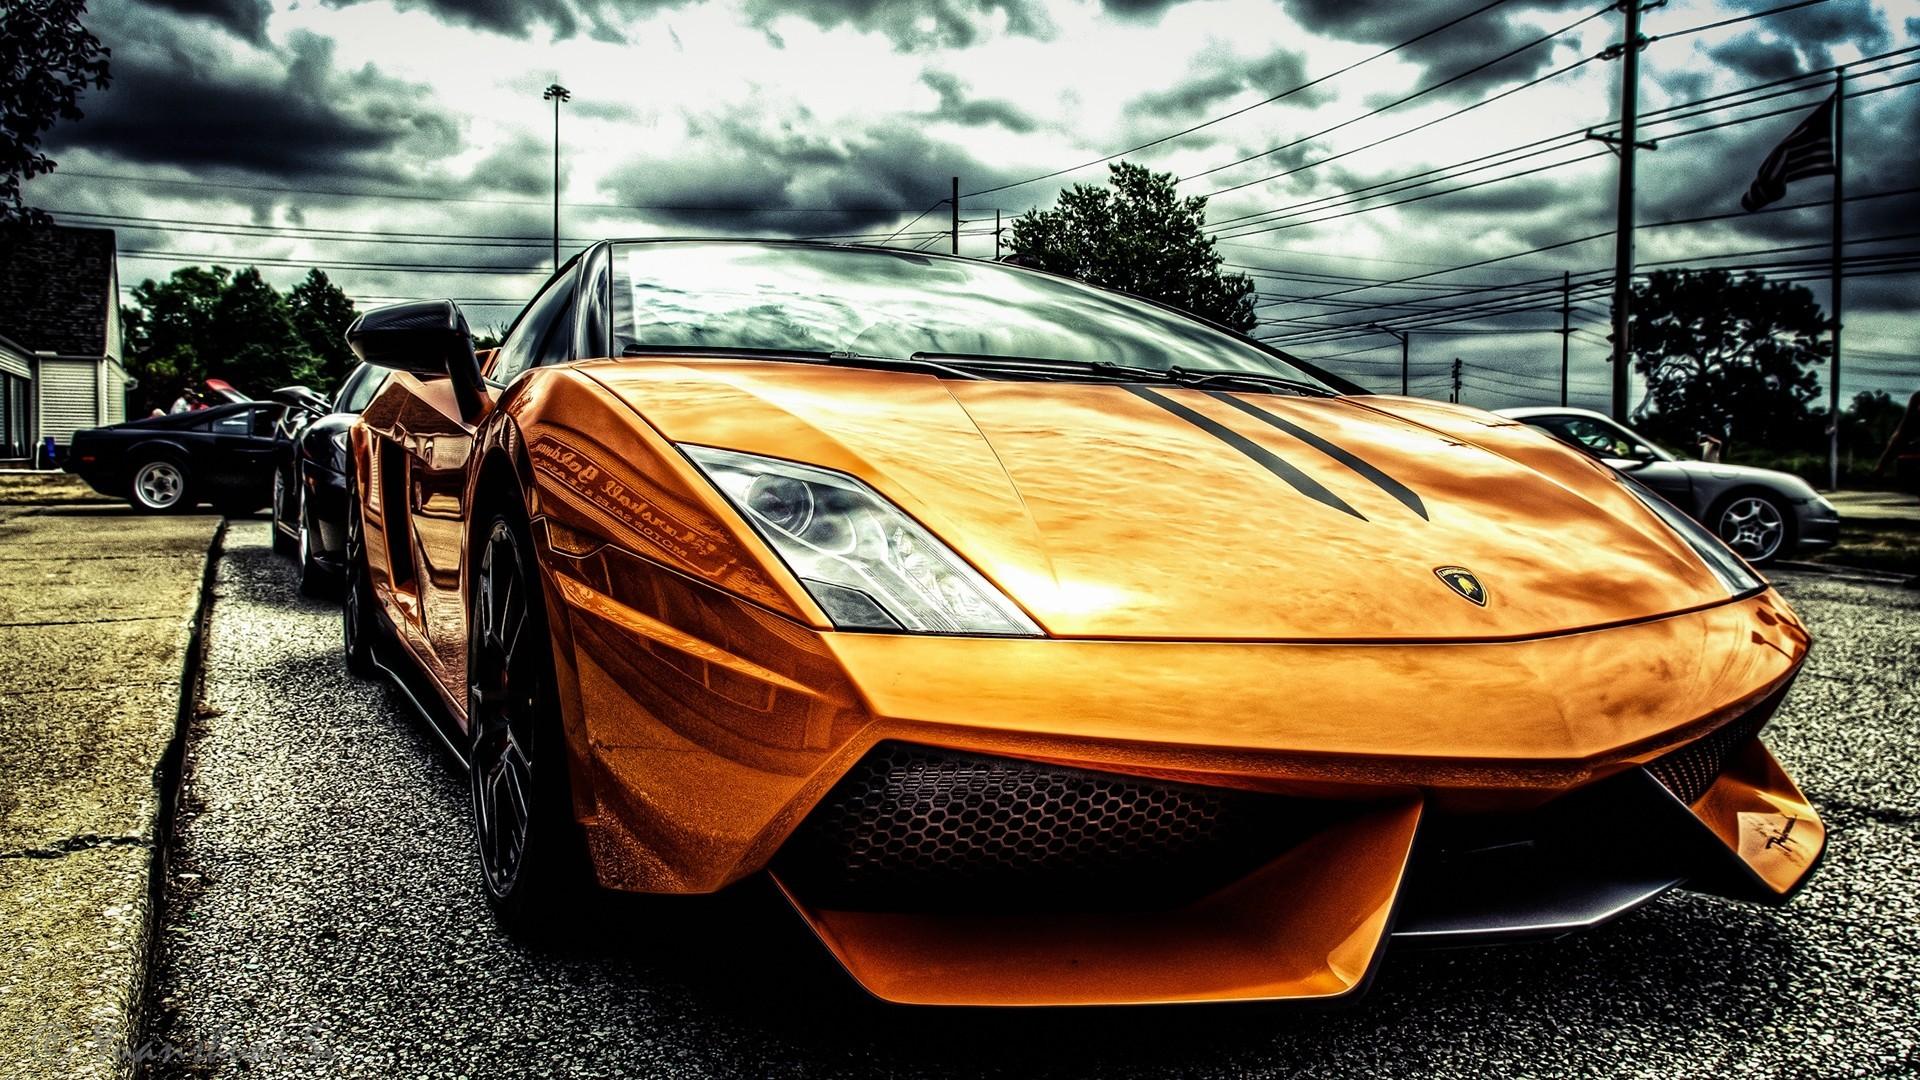 lamborghini filter car orange